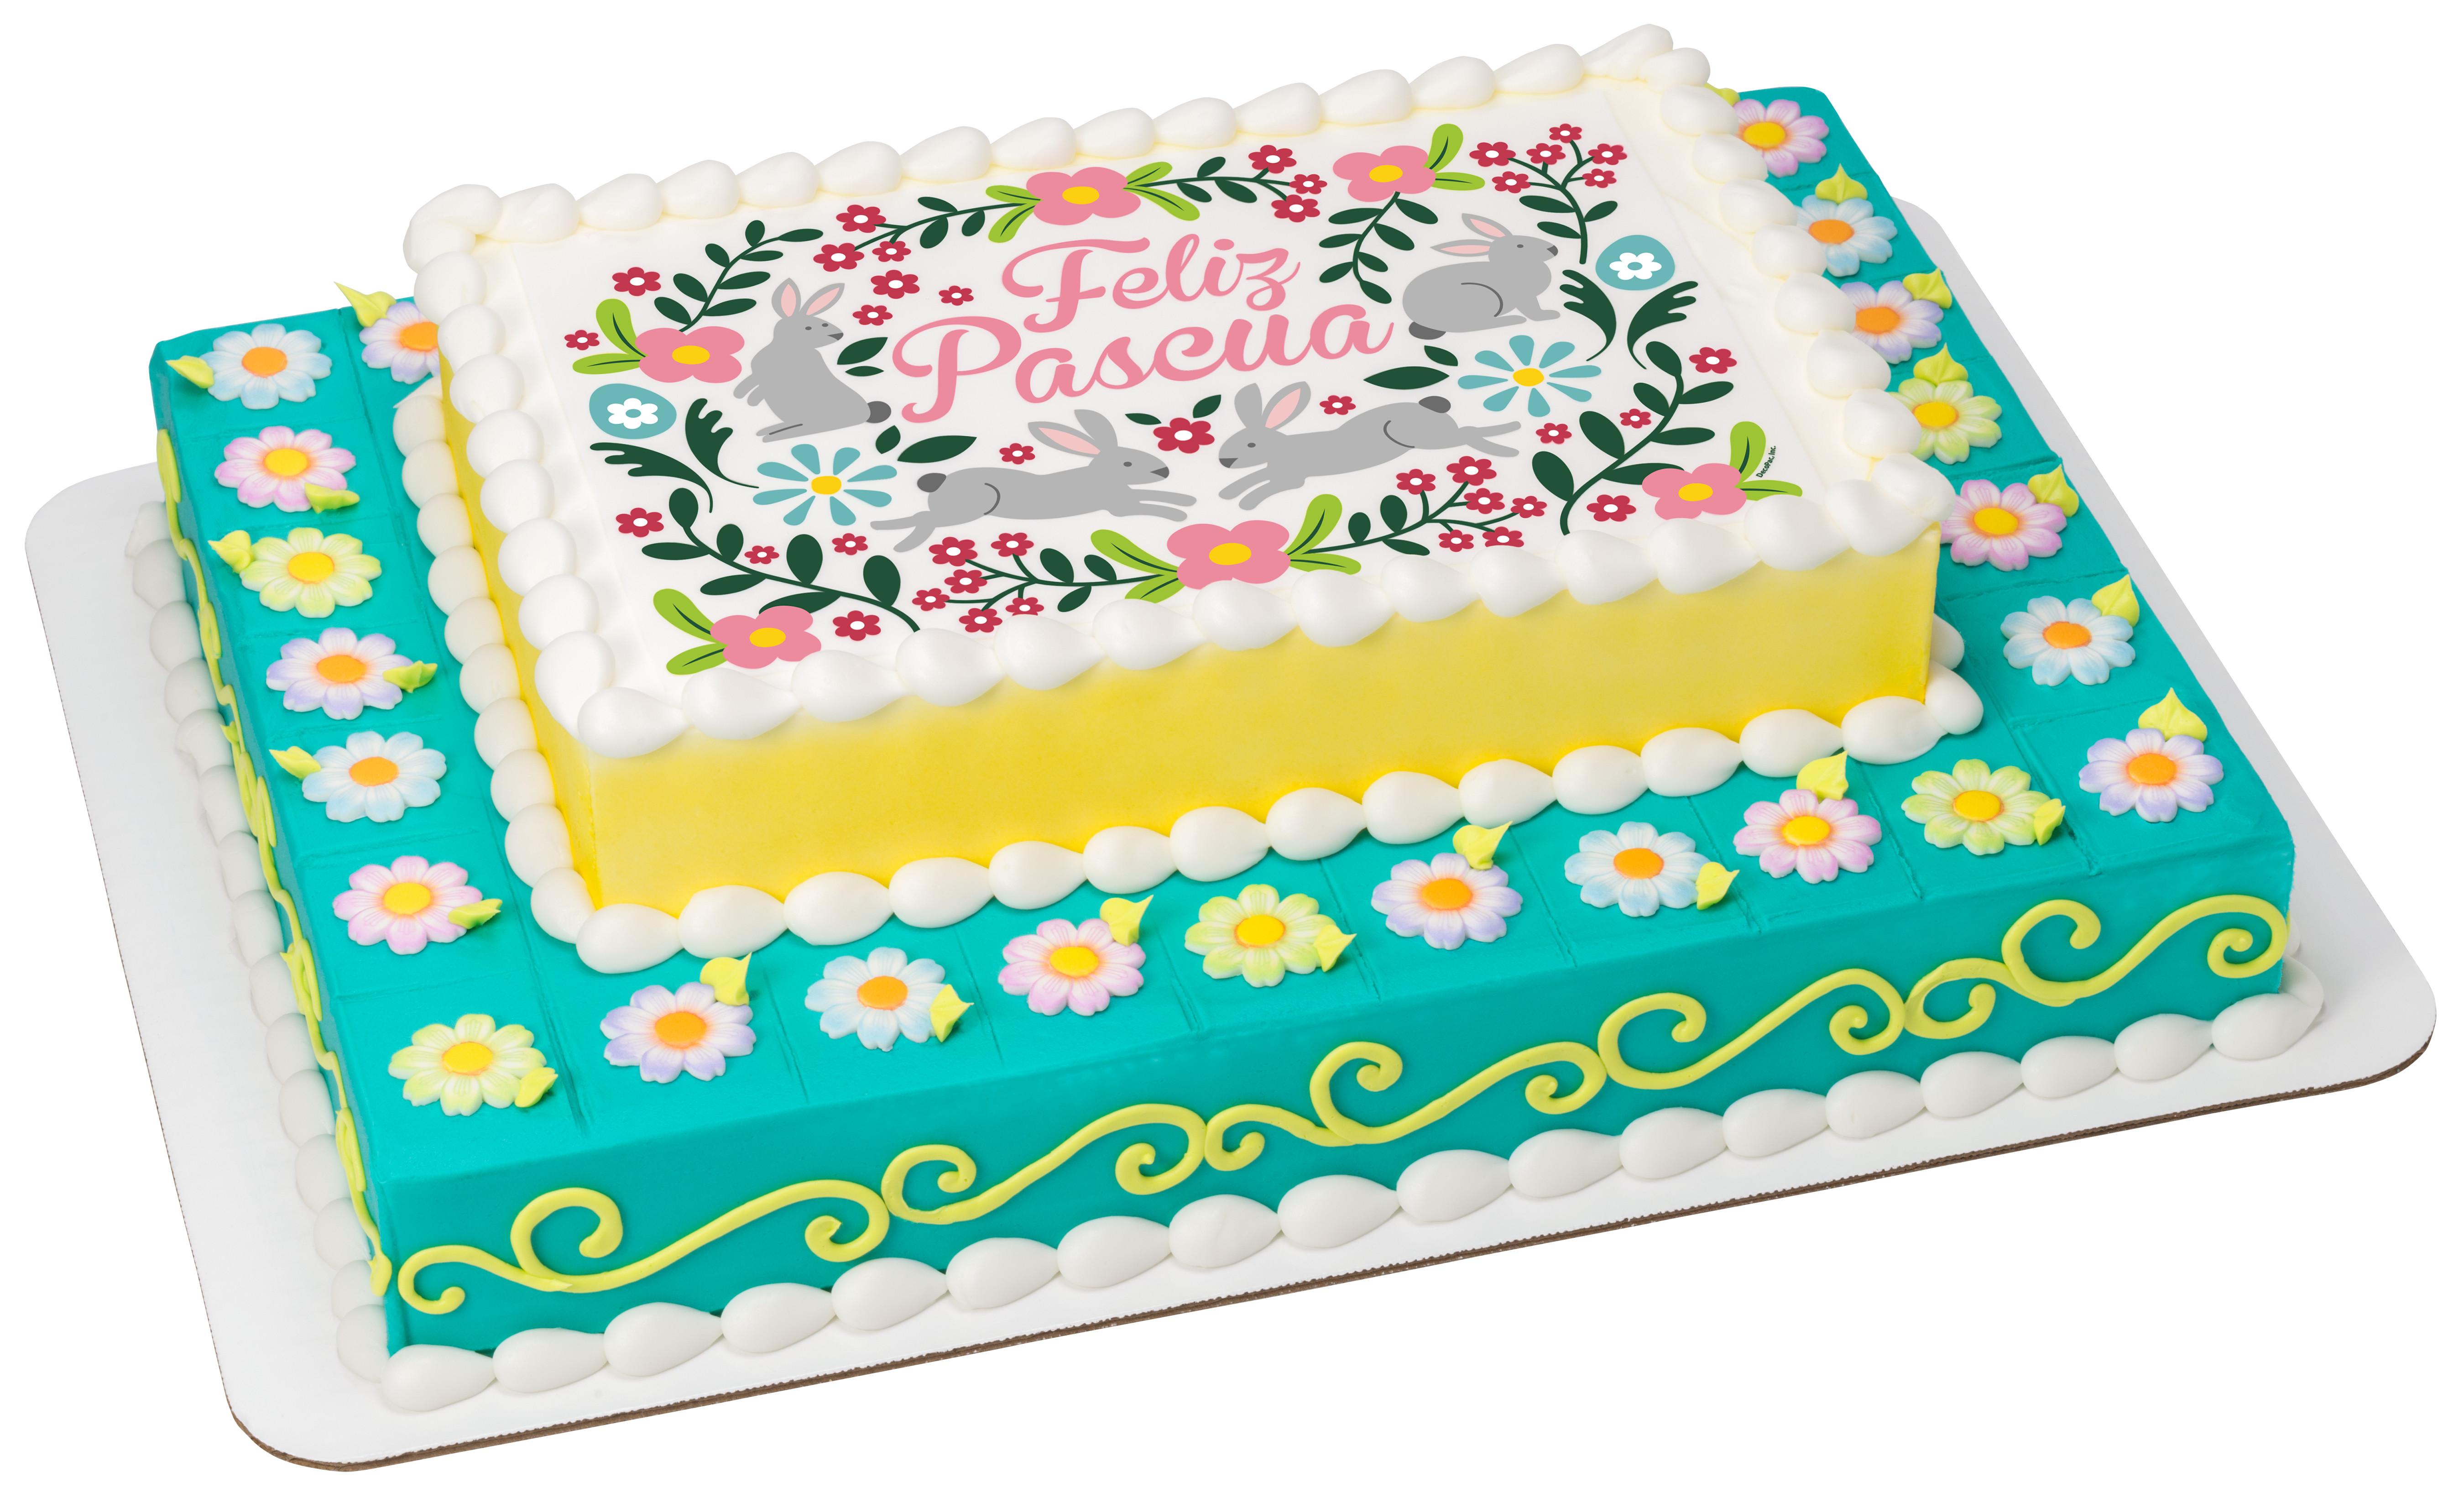 Signature Brands Cake Decorations